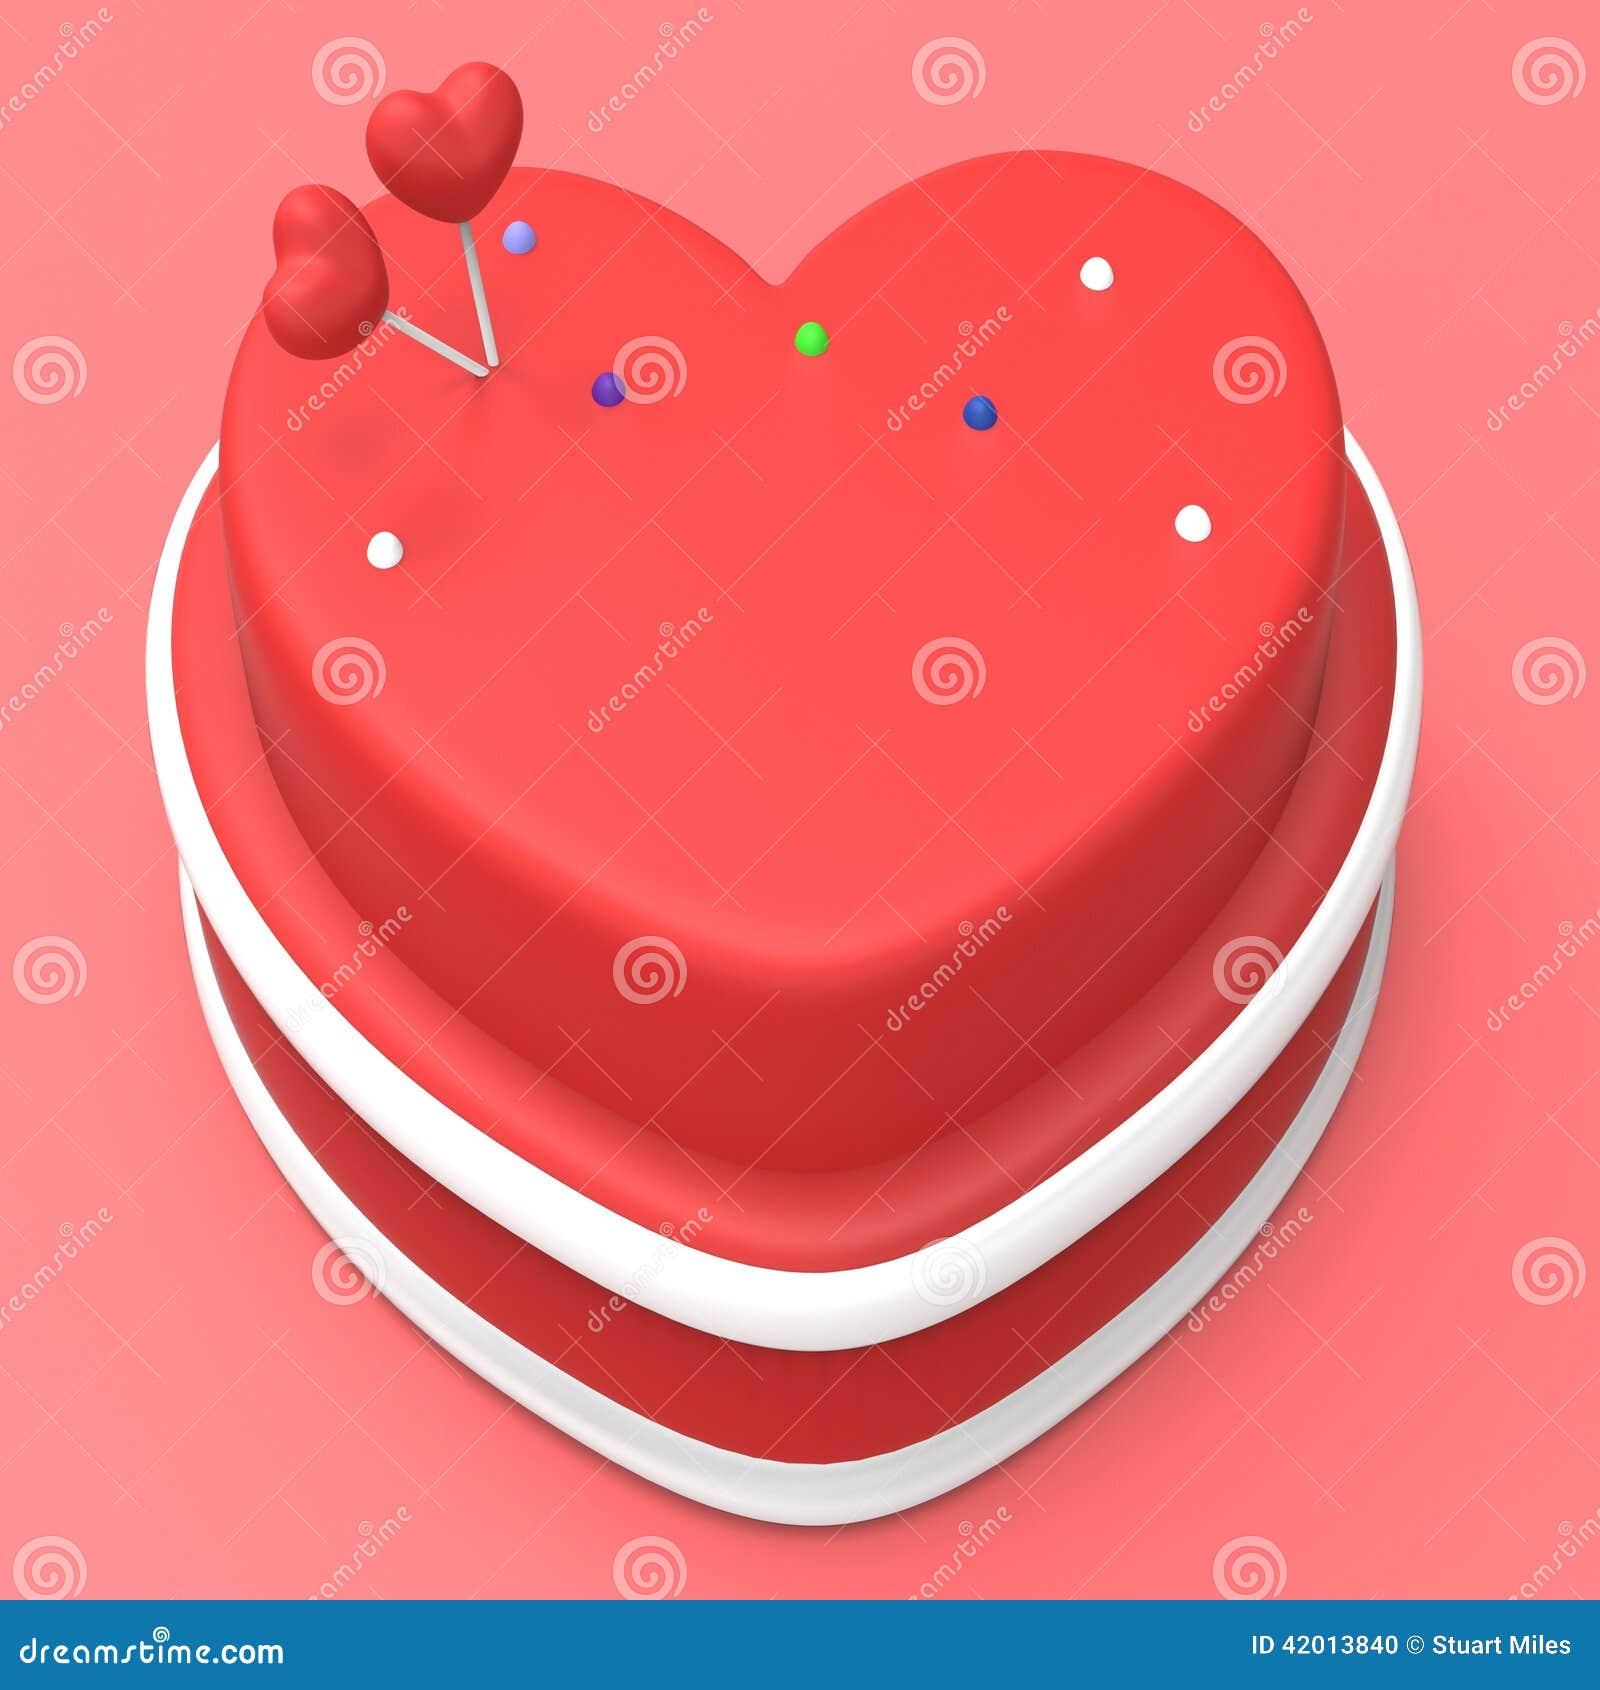 Herz Kuchen Stellt Valentinsgruss Tag Und Torte Dar Stock Abbildung